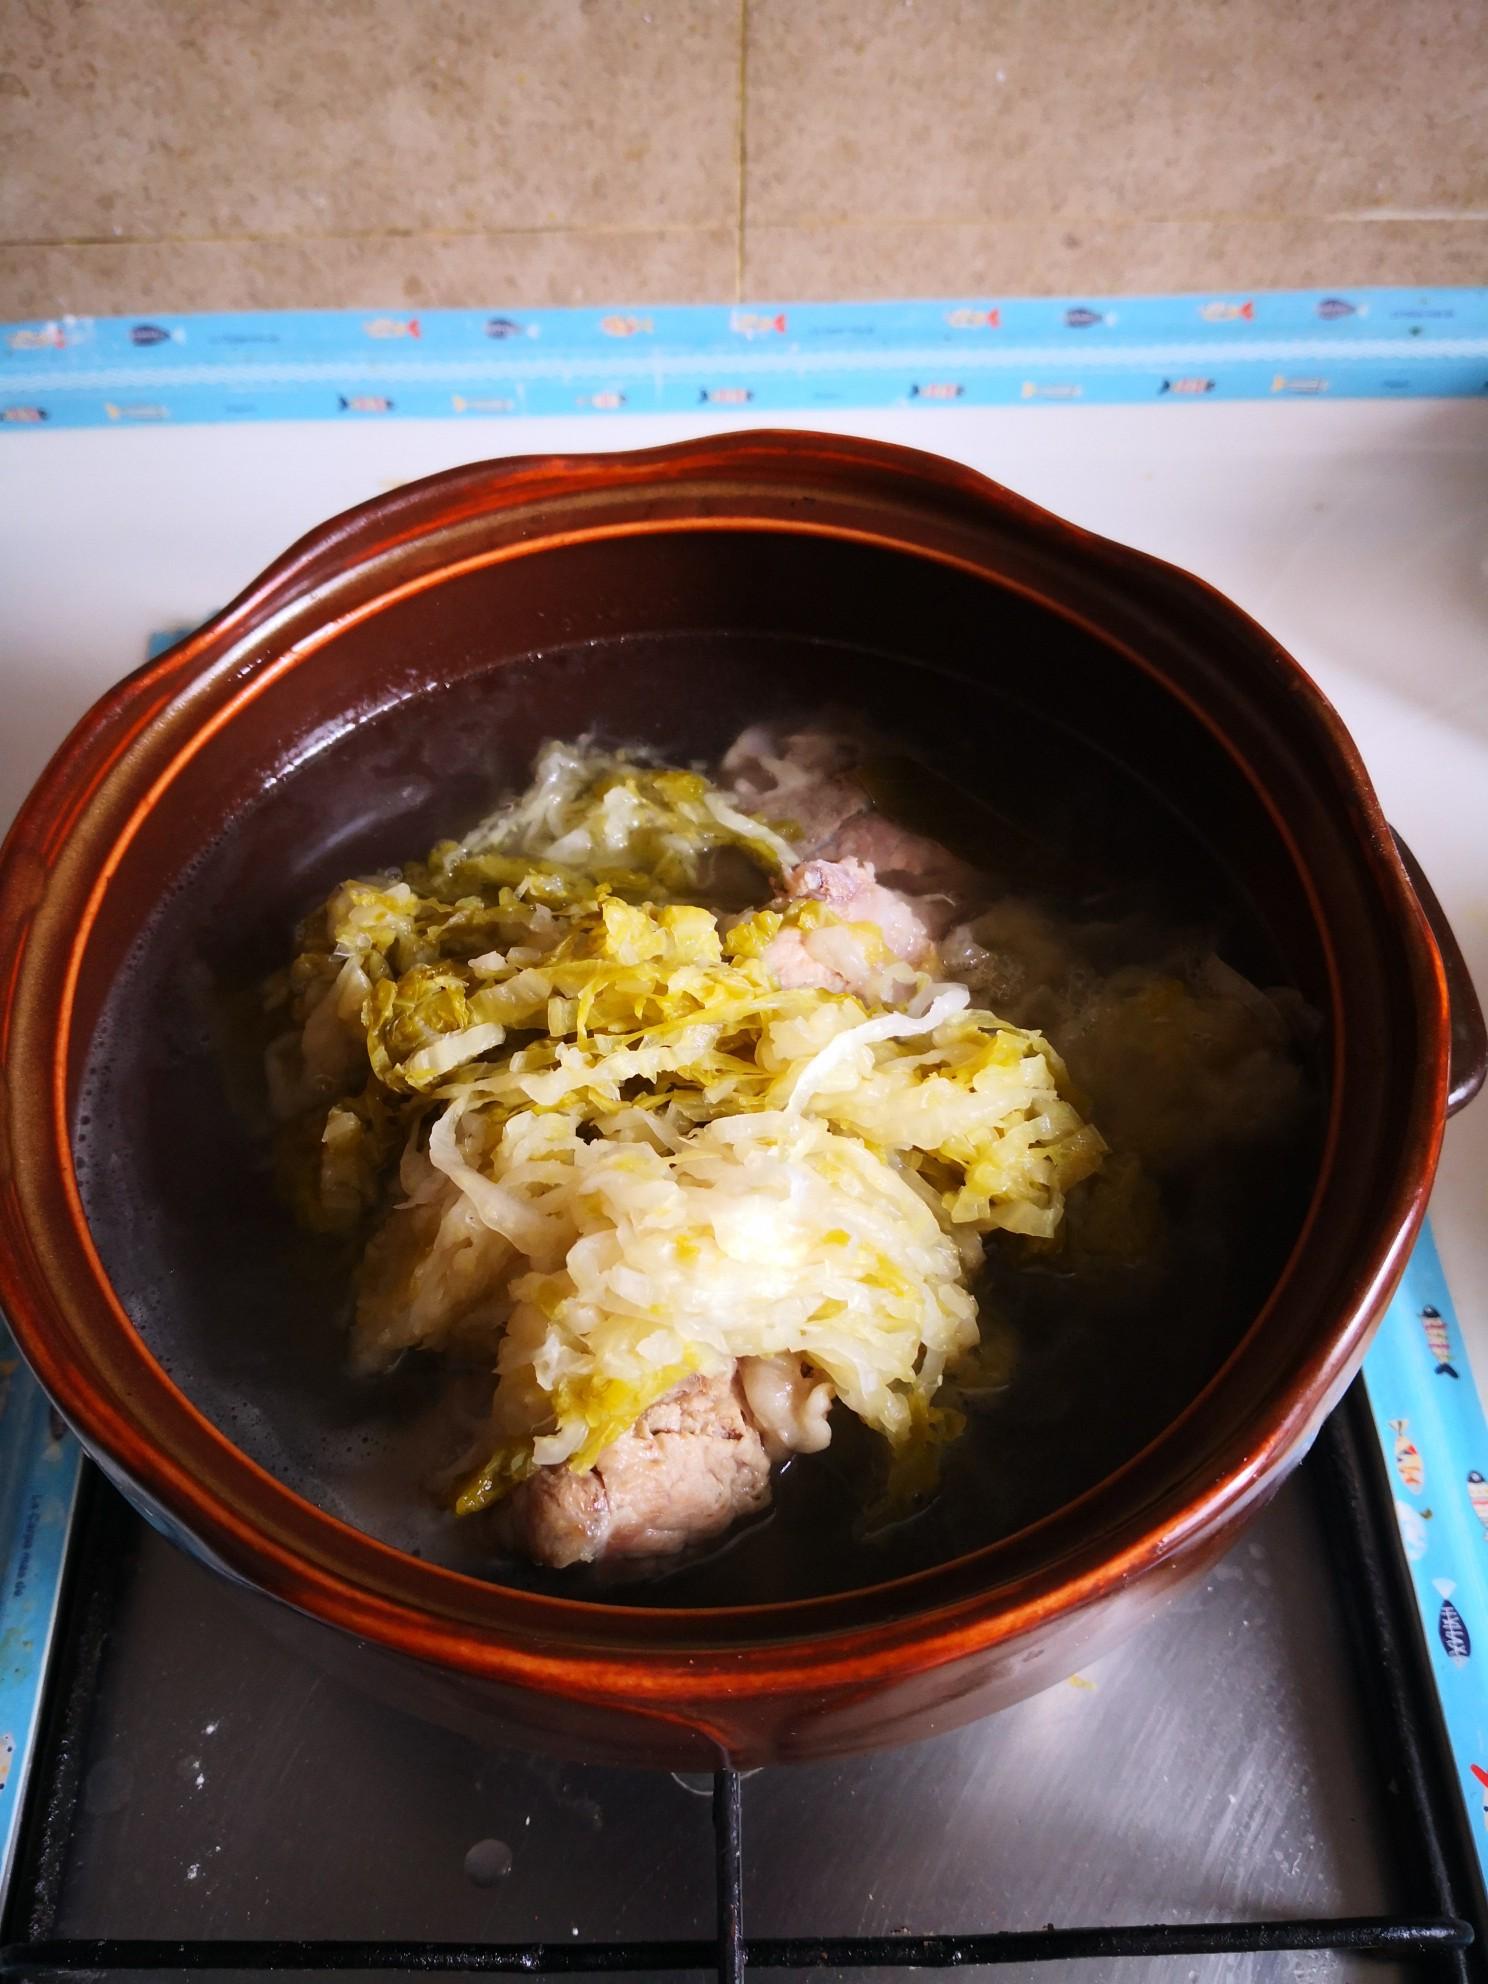 脊骨酸菜汤的简单做法